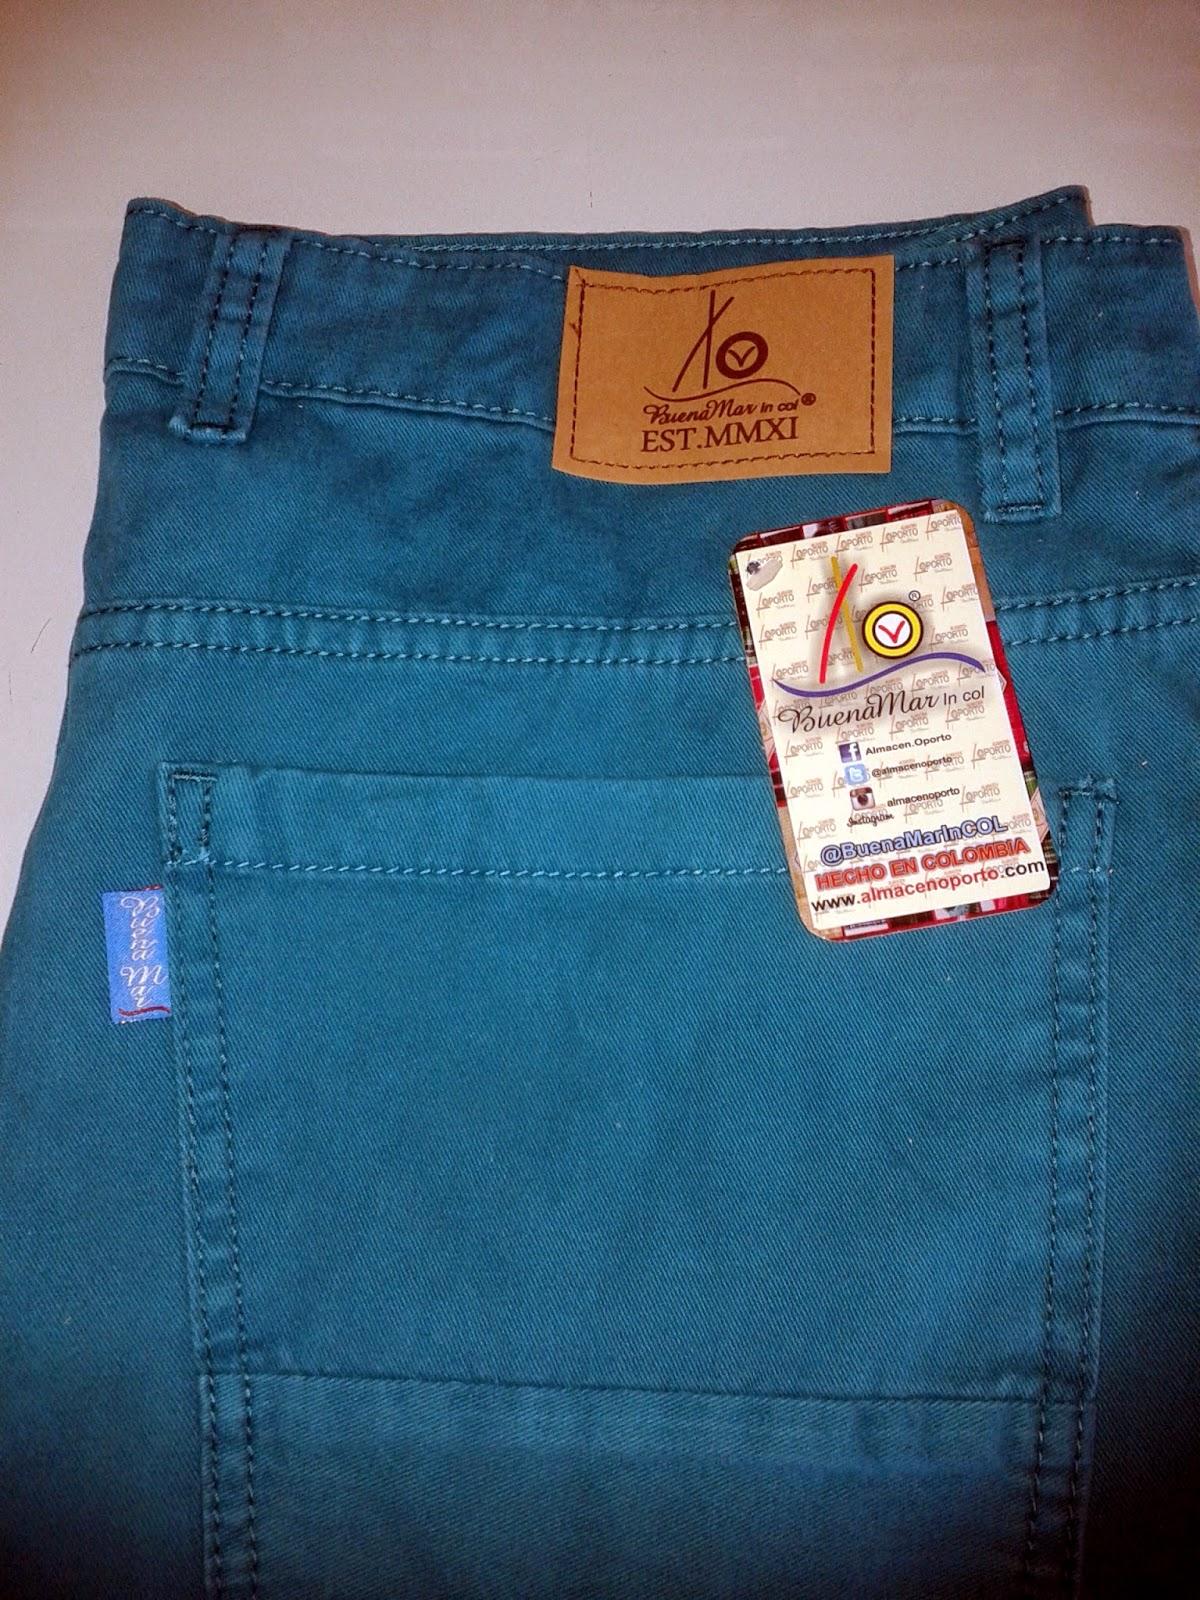 Ropa Mujer Compra Jeans, Zapatos, Chaquetas Tennis - imagenes de almacenes de ropa